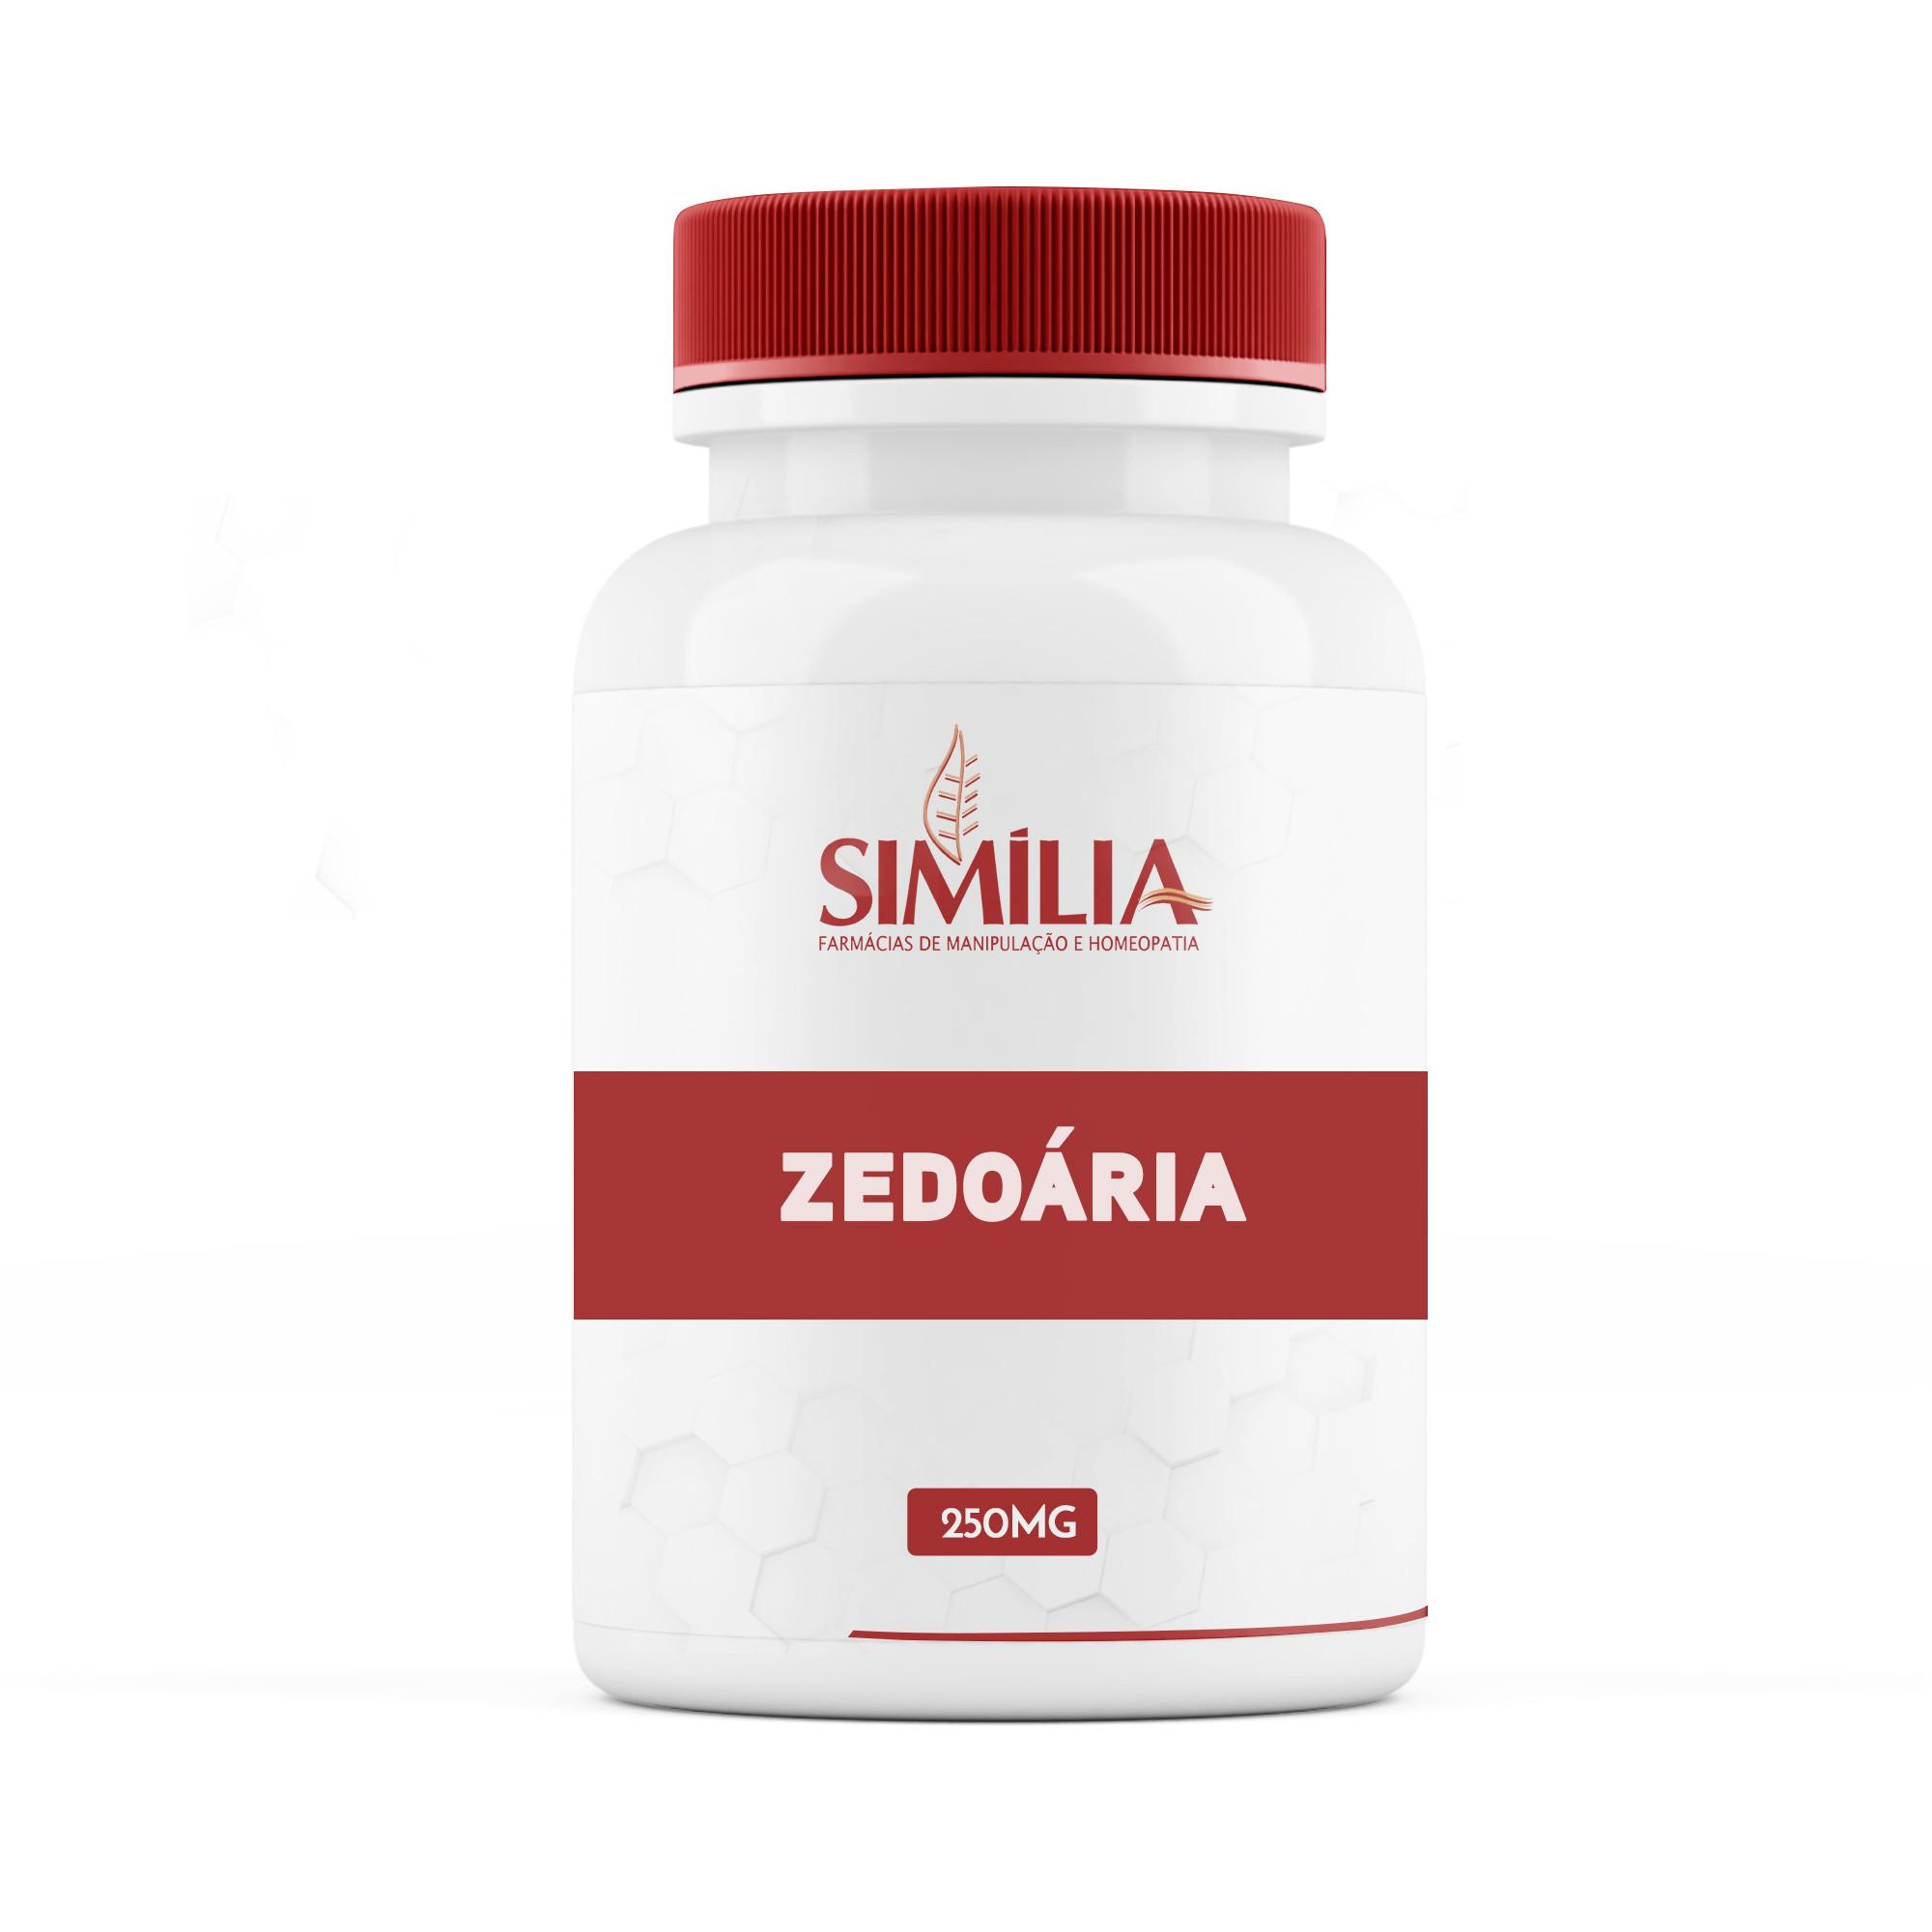 Zedoária 250mg - Extrato Seco - 60 cápsulas